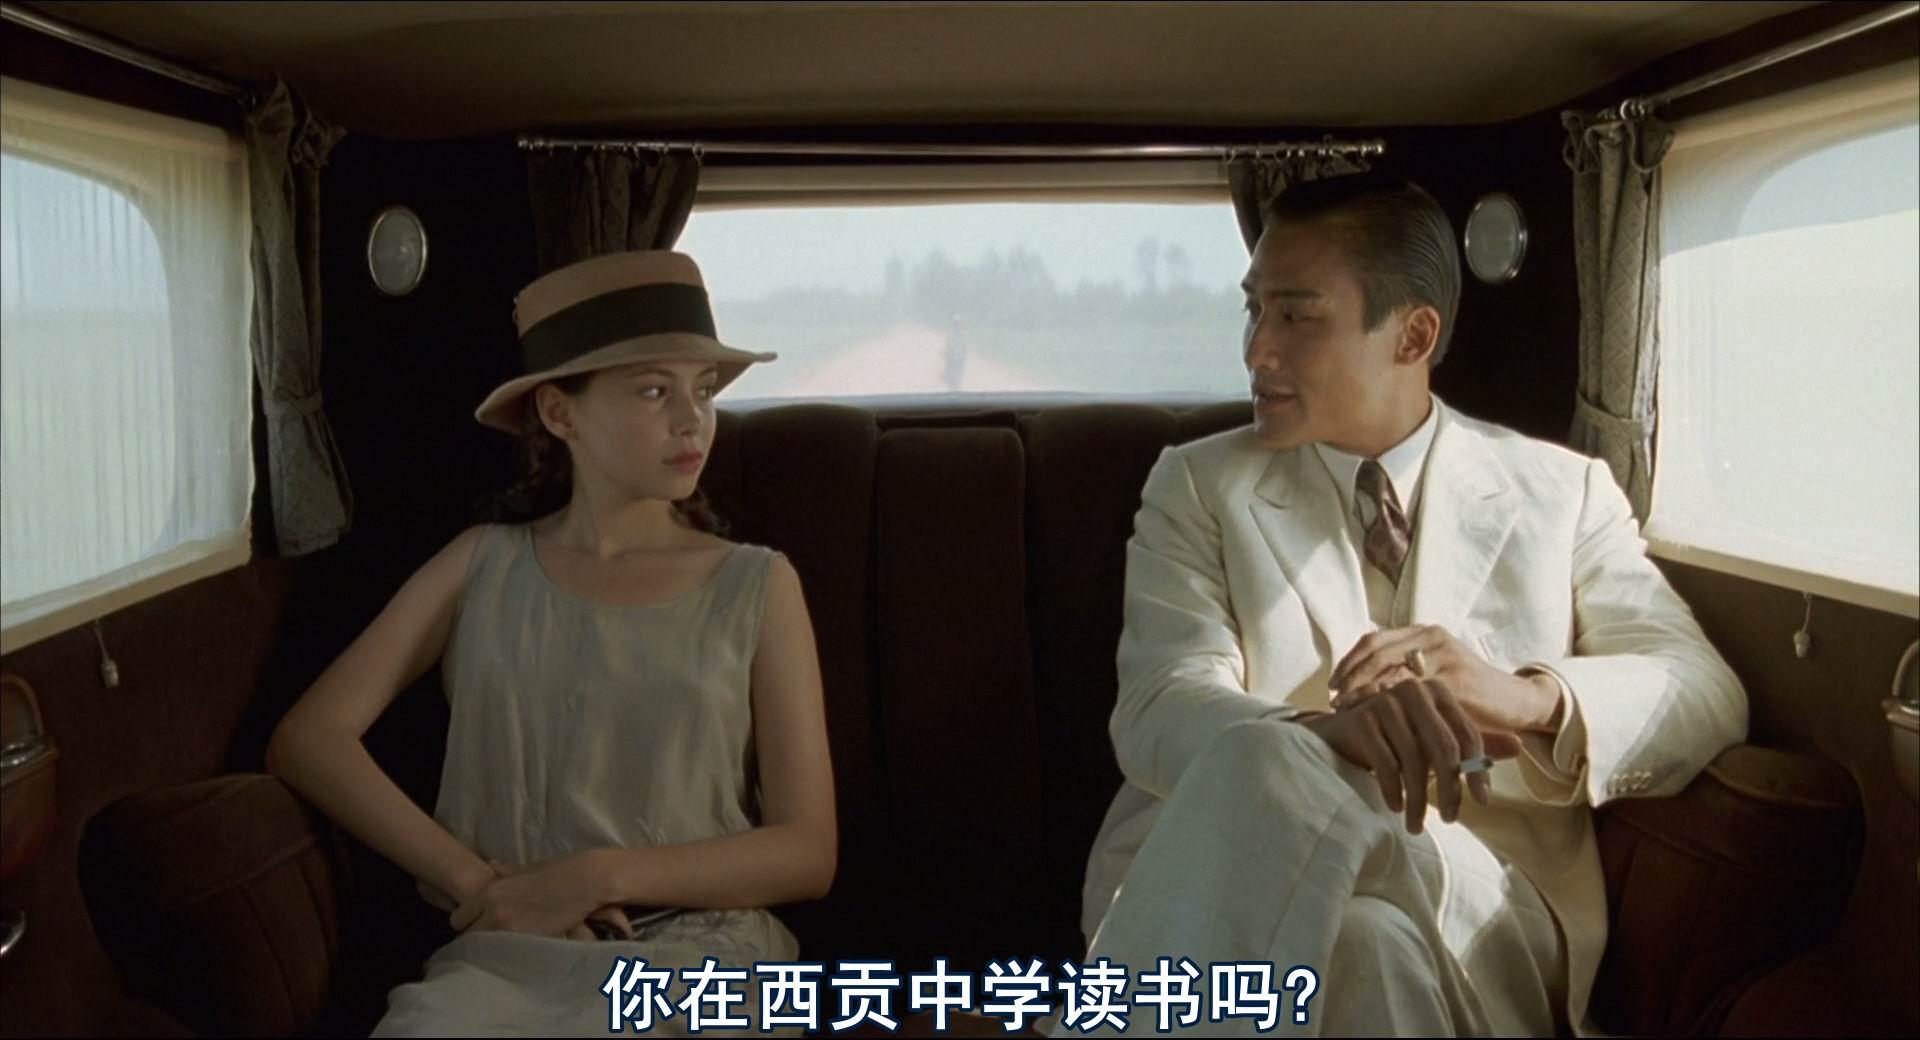 情人 1992.梁家辉经典剧情片 HD720P 迅雷下载